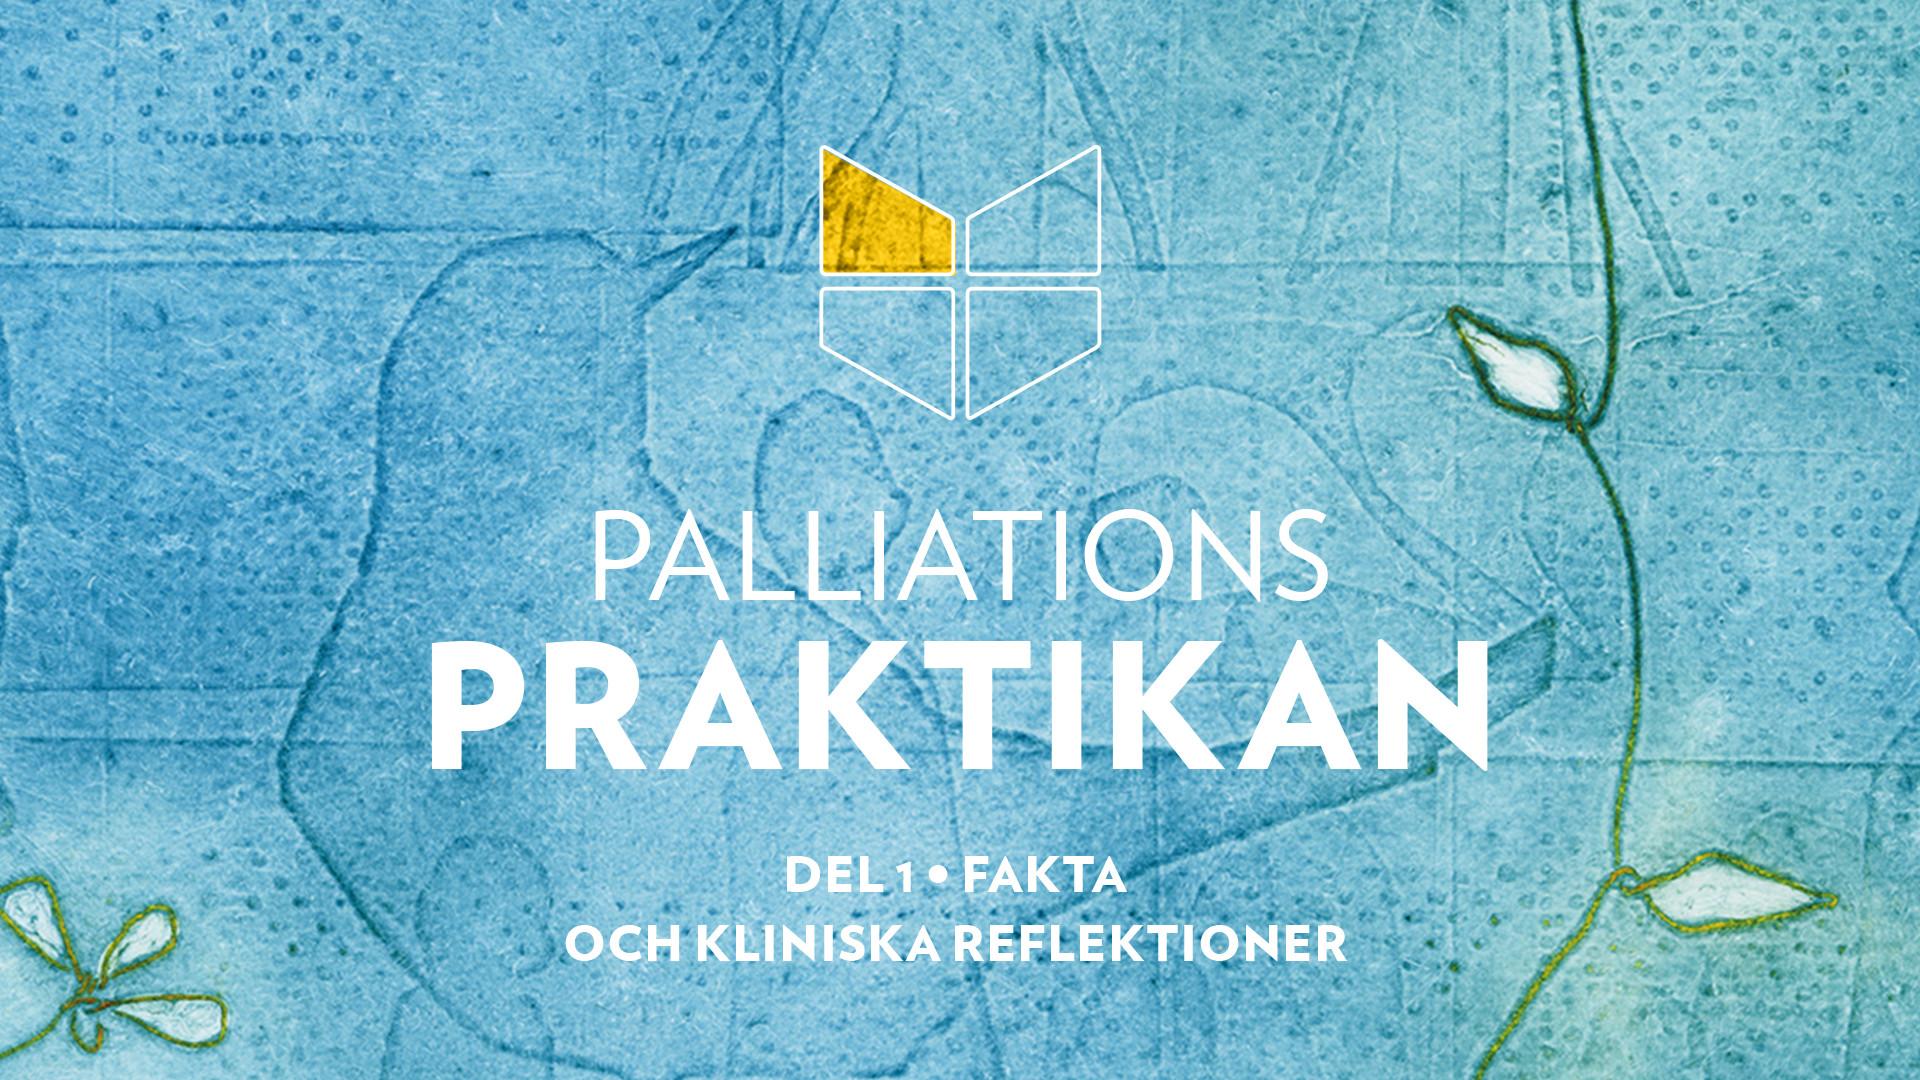 Palliationspraktikan del 1 - Kapitel 1: Vad är palliativ vård?